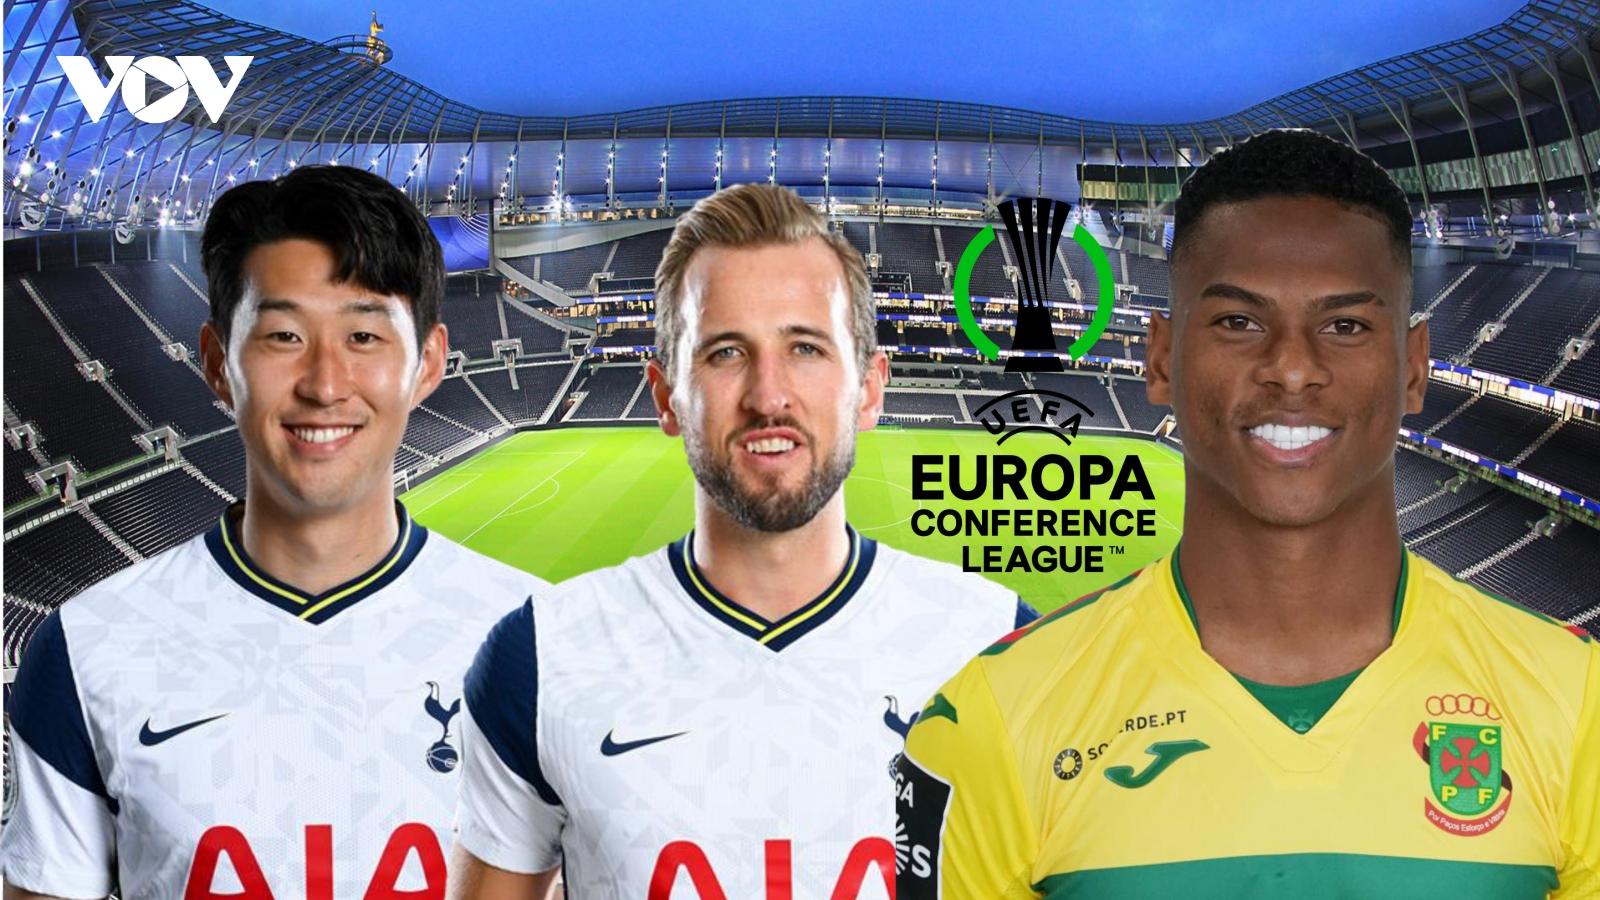 Dự đoán kết quả, đội hình xuất phát trận Tottenham - Pacos Ferreira